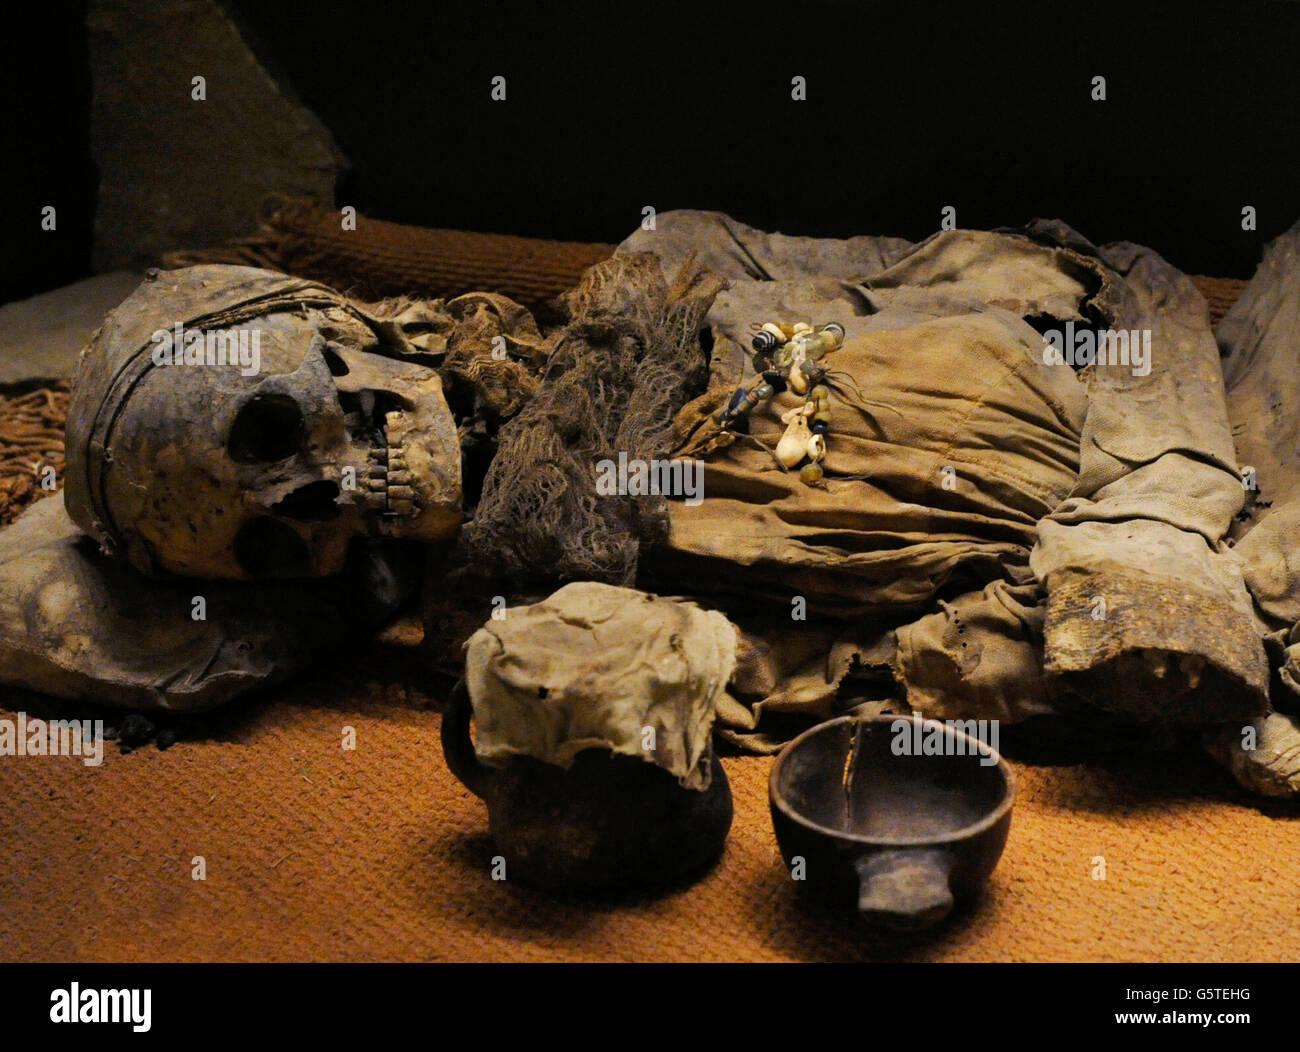 caucase moyen ge femme maman la momification naturelle trouv dans une cave vo t e 10e. Black Bedroom Furniture Sets. Home Design Ideas